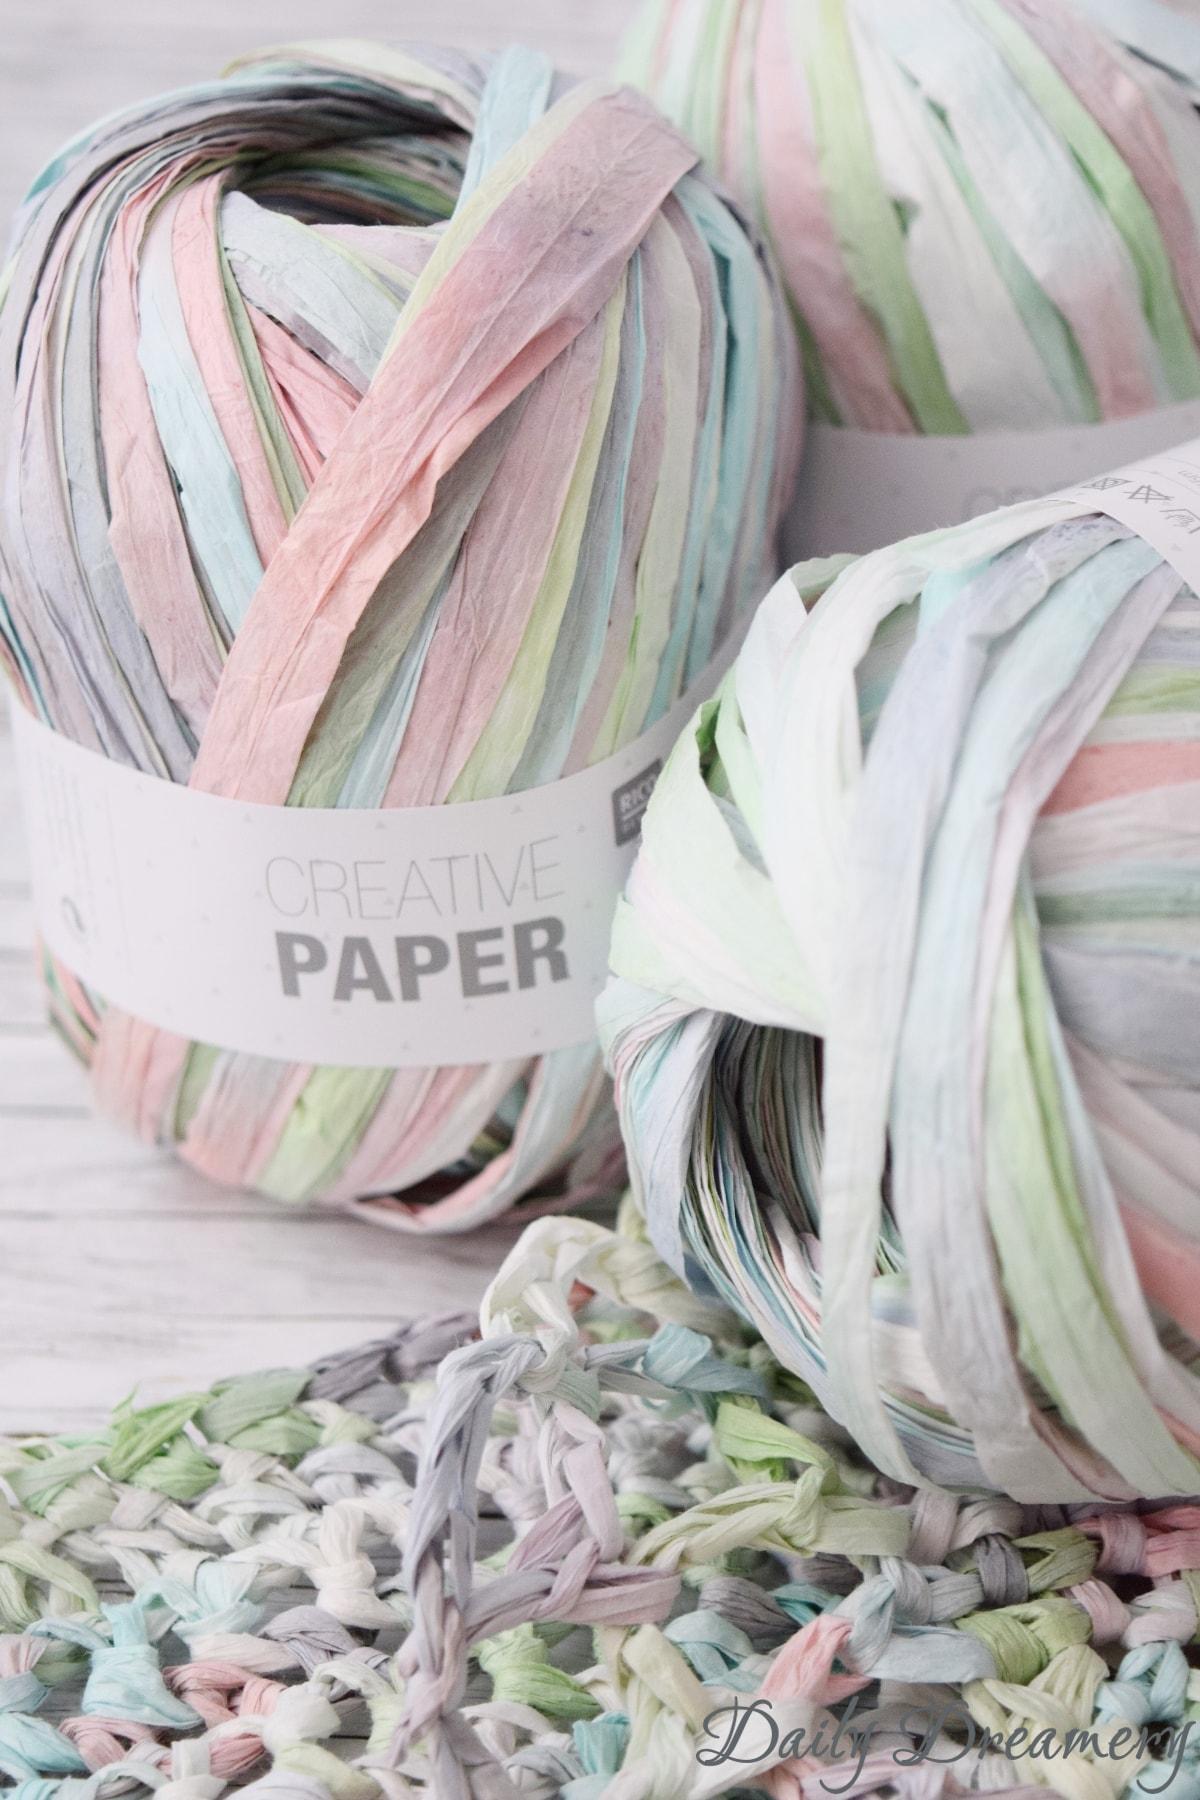 Häkeln mit Papiergarn